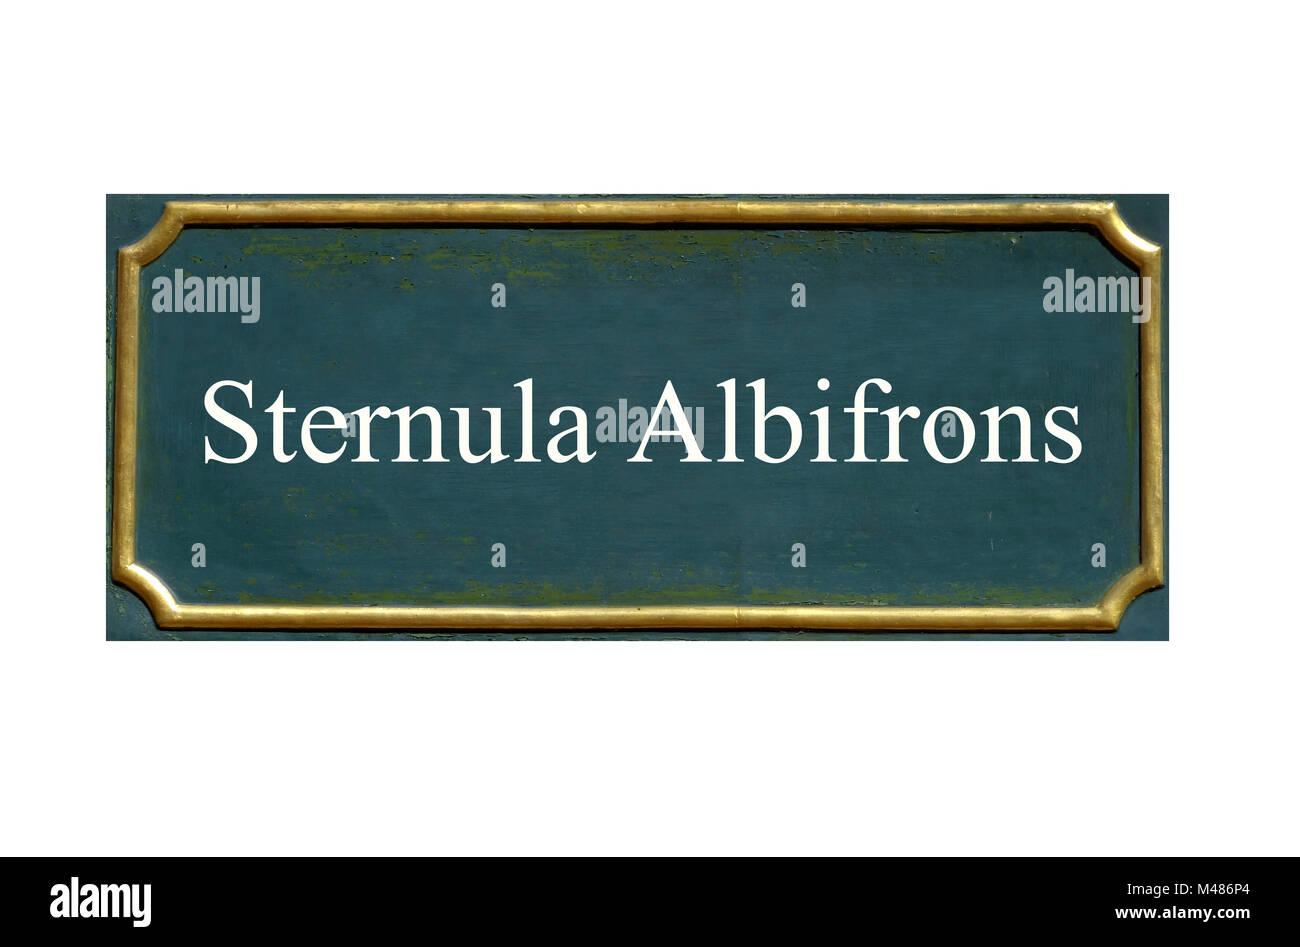 Peu de protection, Sterne Sterna albifrons, espèce animale menacée Banque D'Images